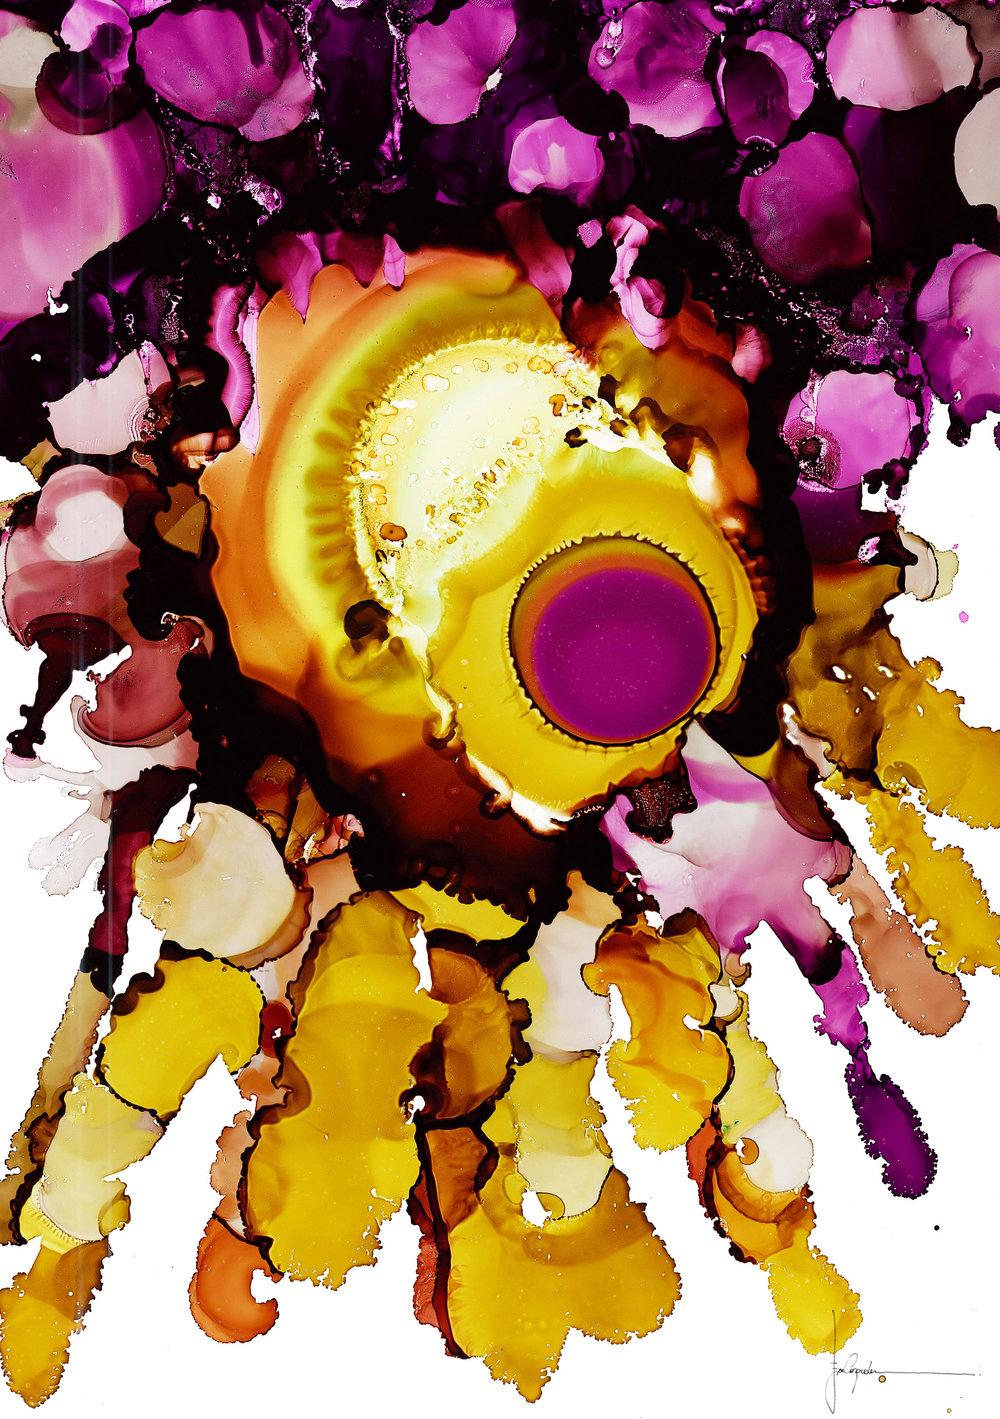 - SOLAR ECLIPSE30 cm x 40 cmInk on photo paper